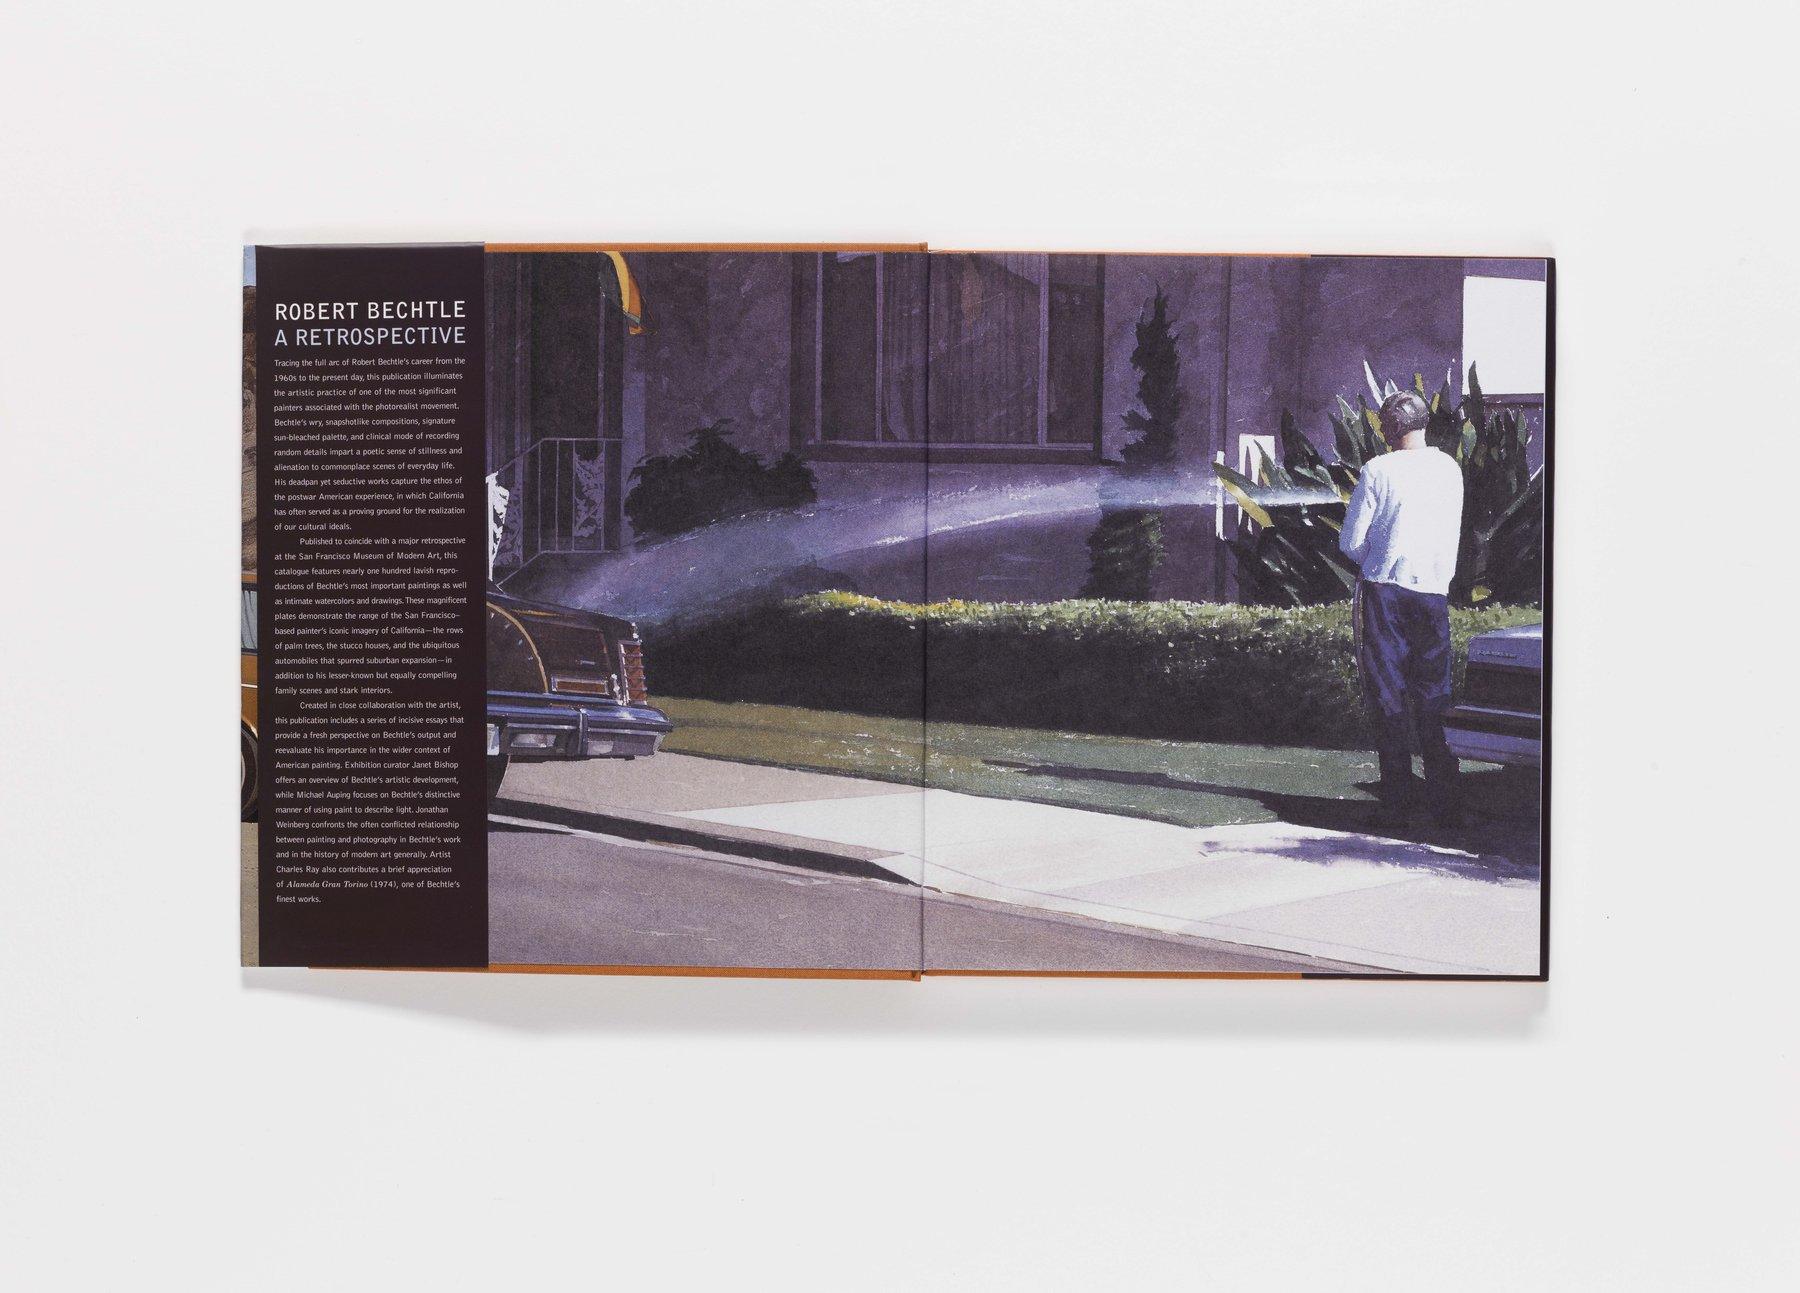 Robert Bechtle publication front endsheet